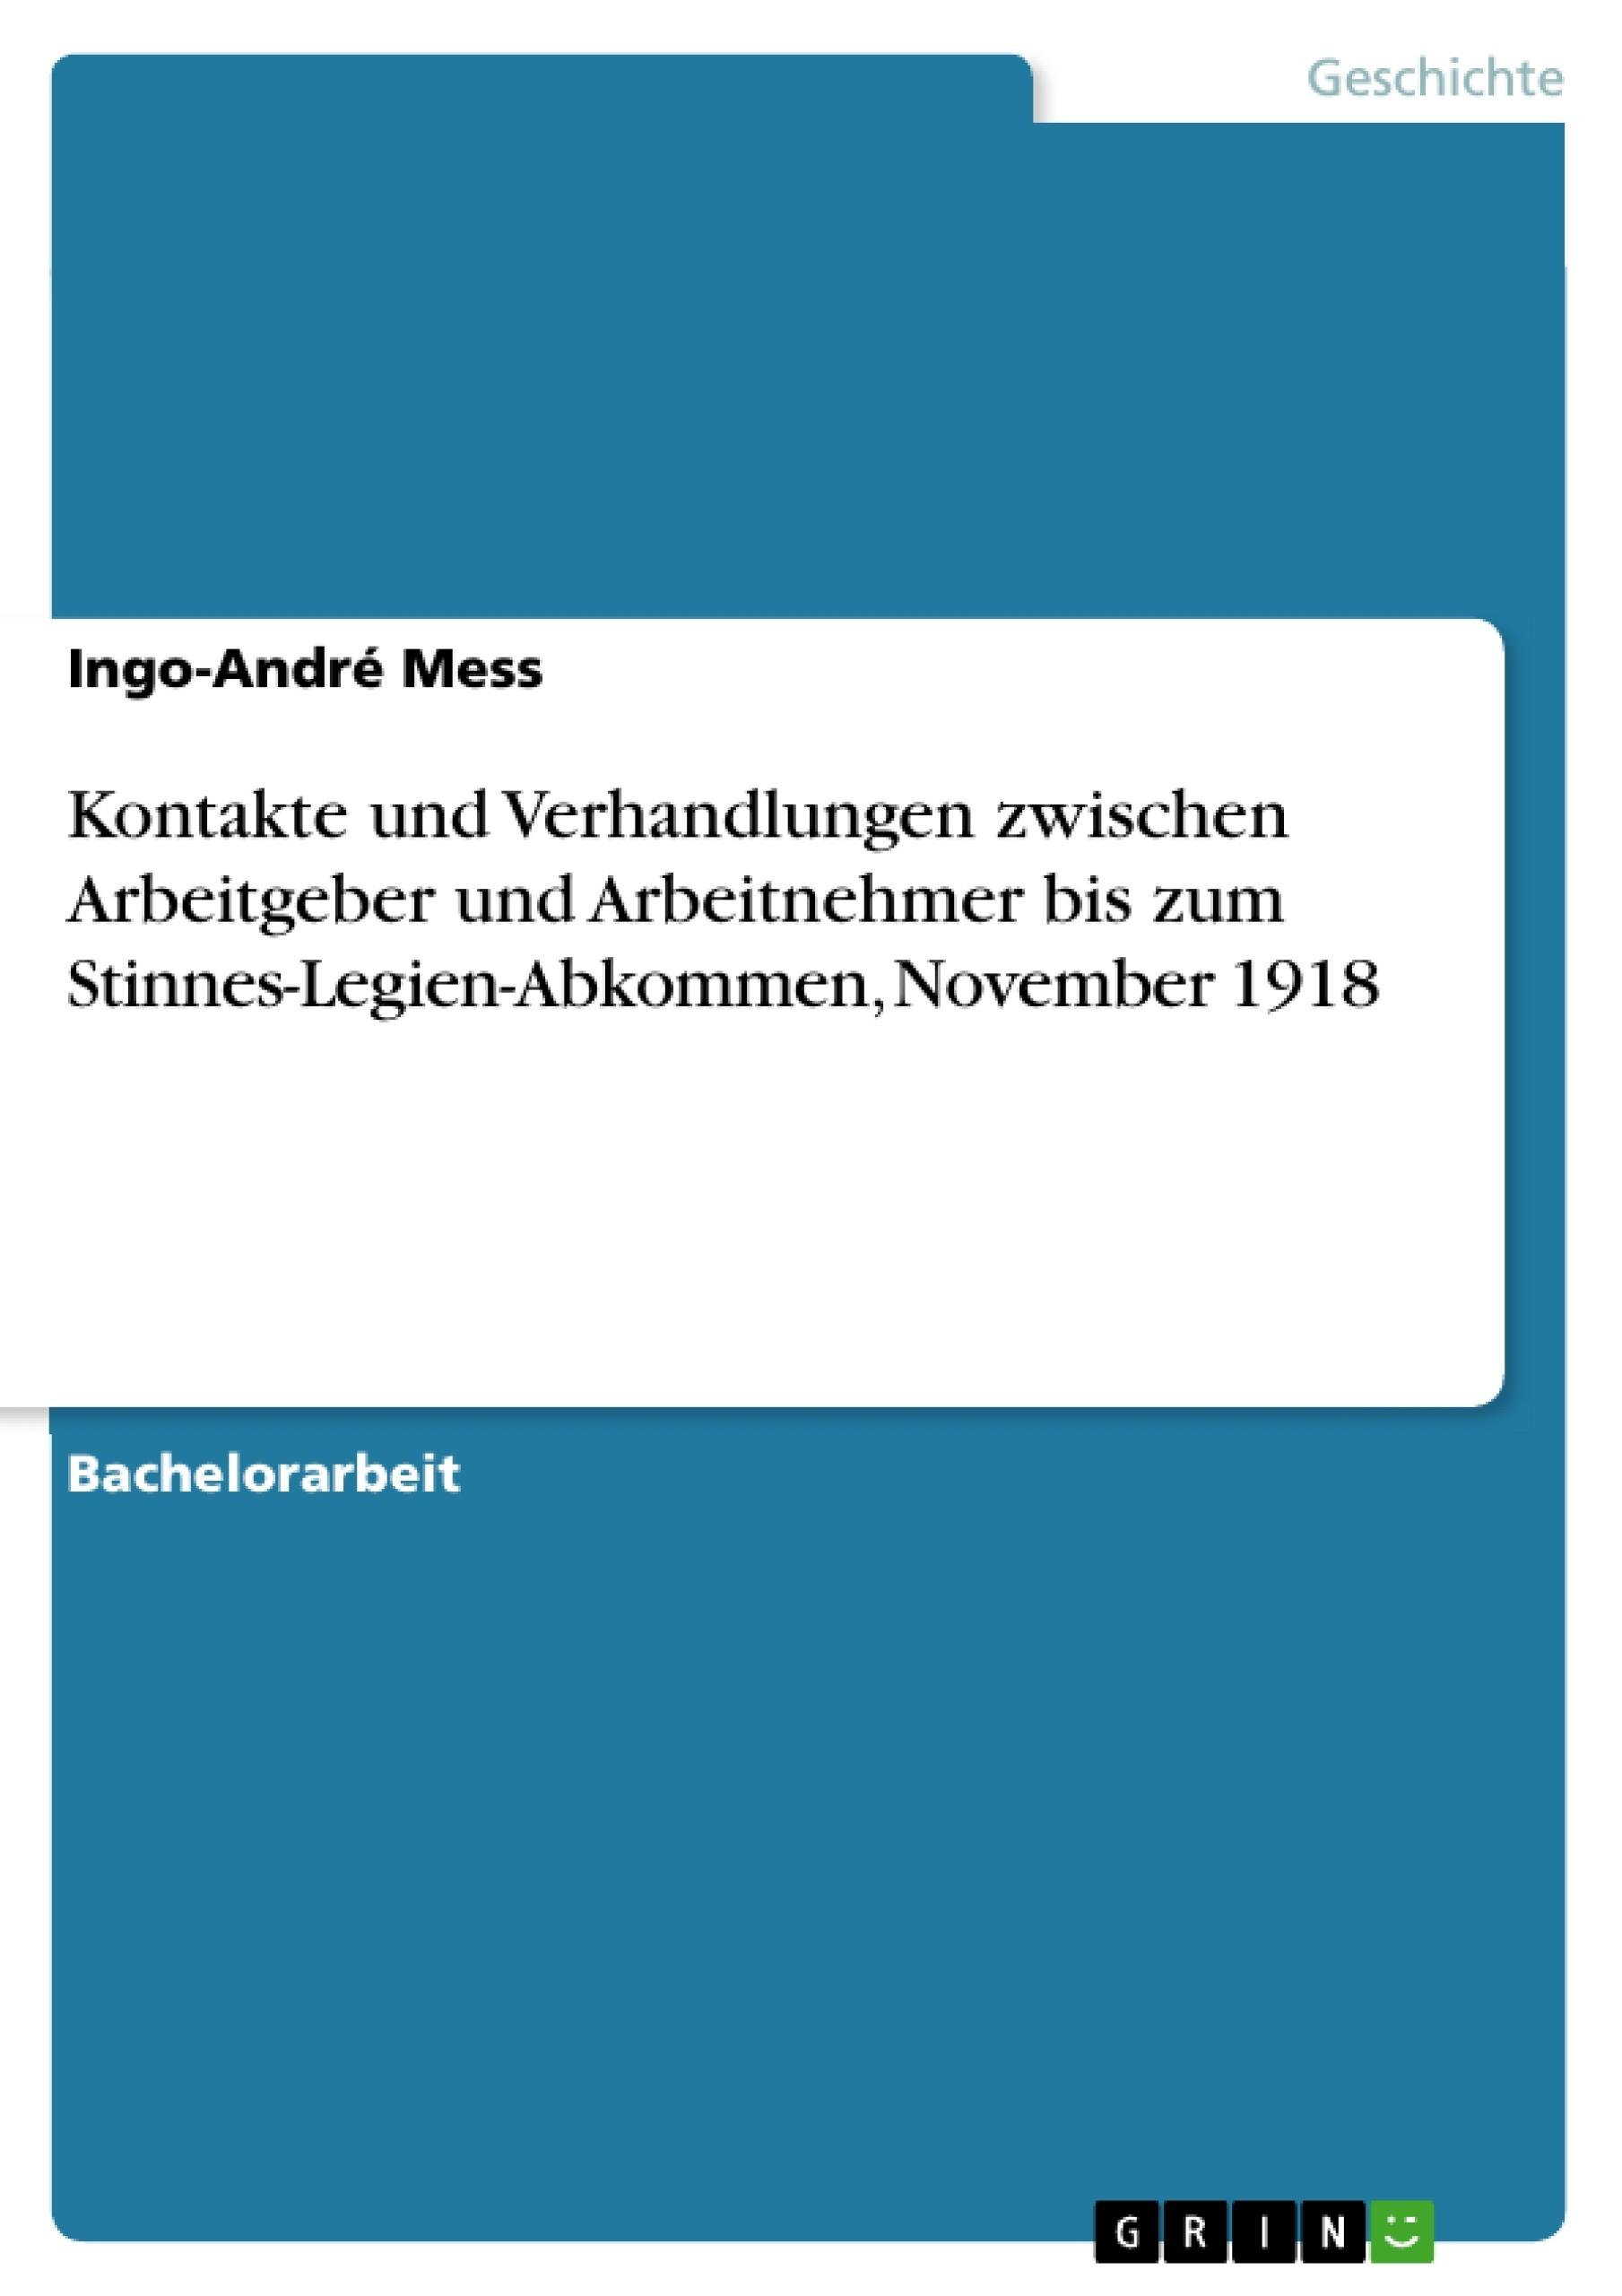 Titel: Kontakte und Verhandlungen zwischen Arbeitgeber und Arbeitnehmer bis zum Stinnes-Legien-Abkommen, November 1918